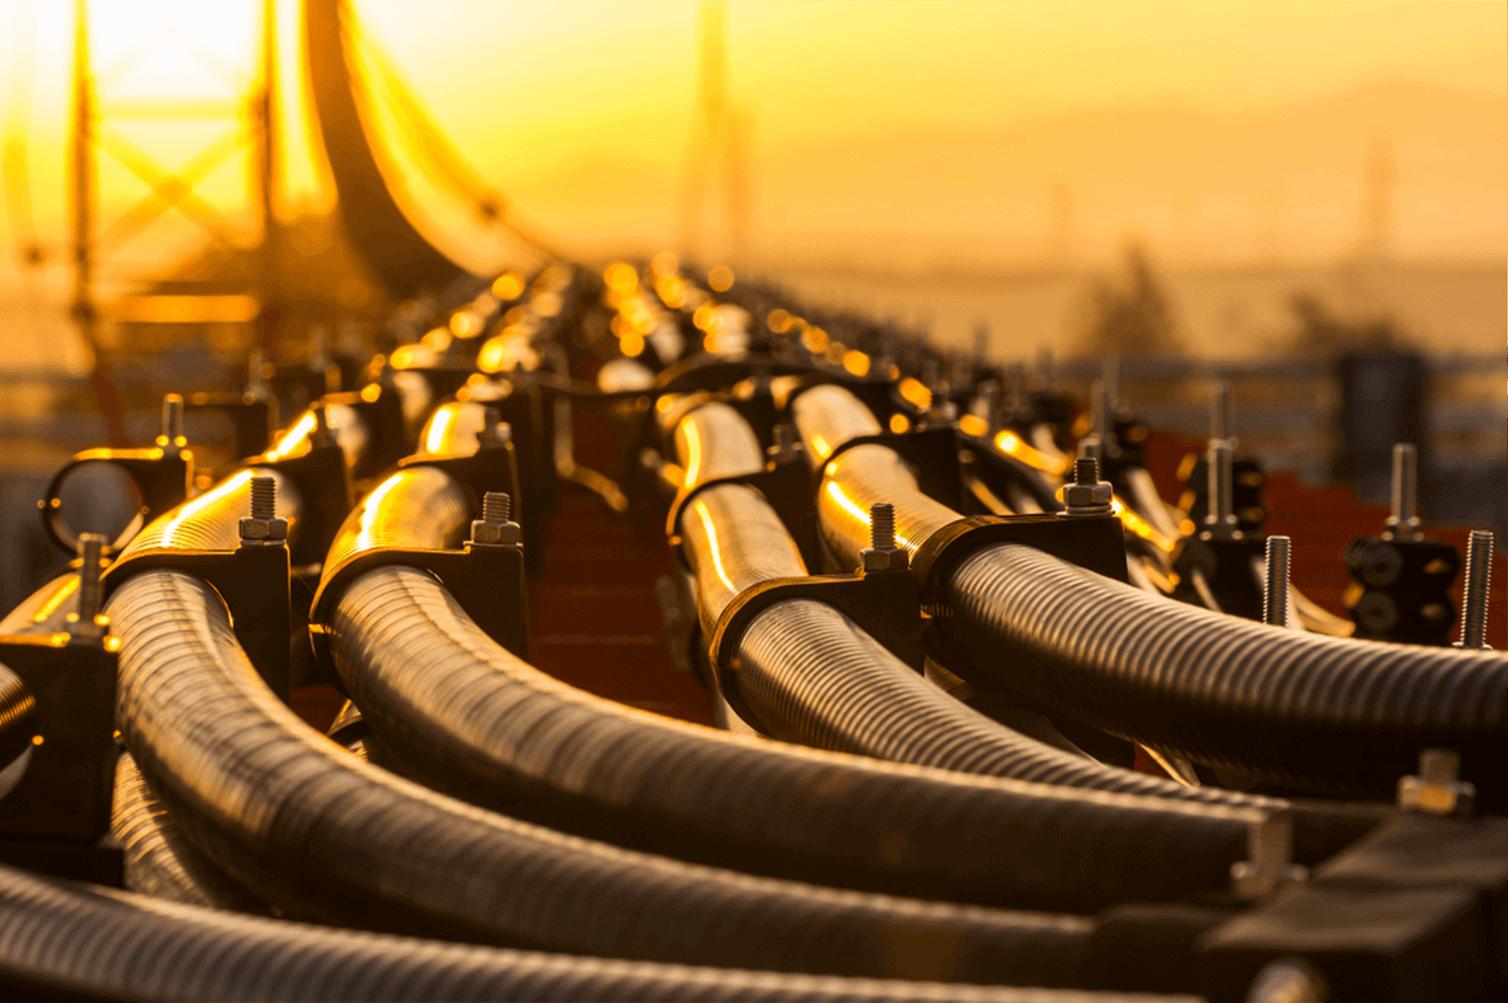 شركة تمديد الغاز بالرياضمعتمدة بالضمان